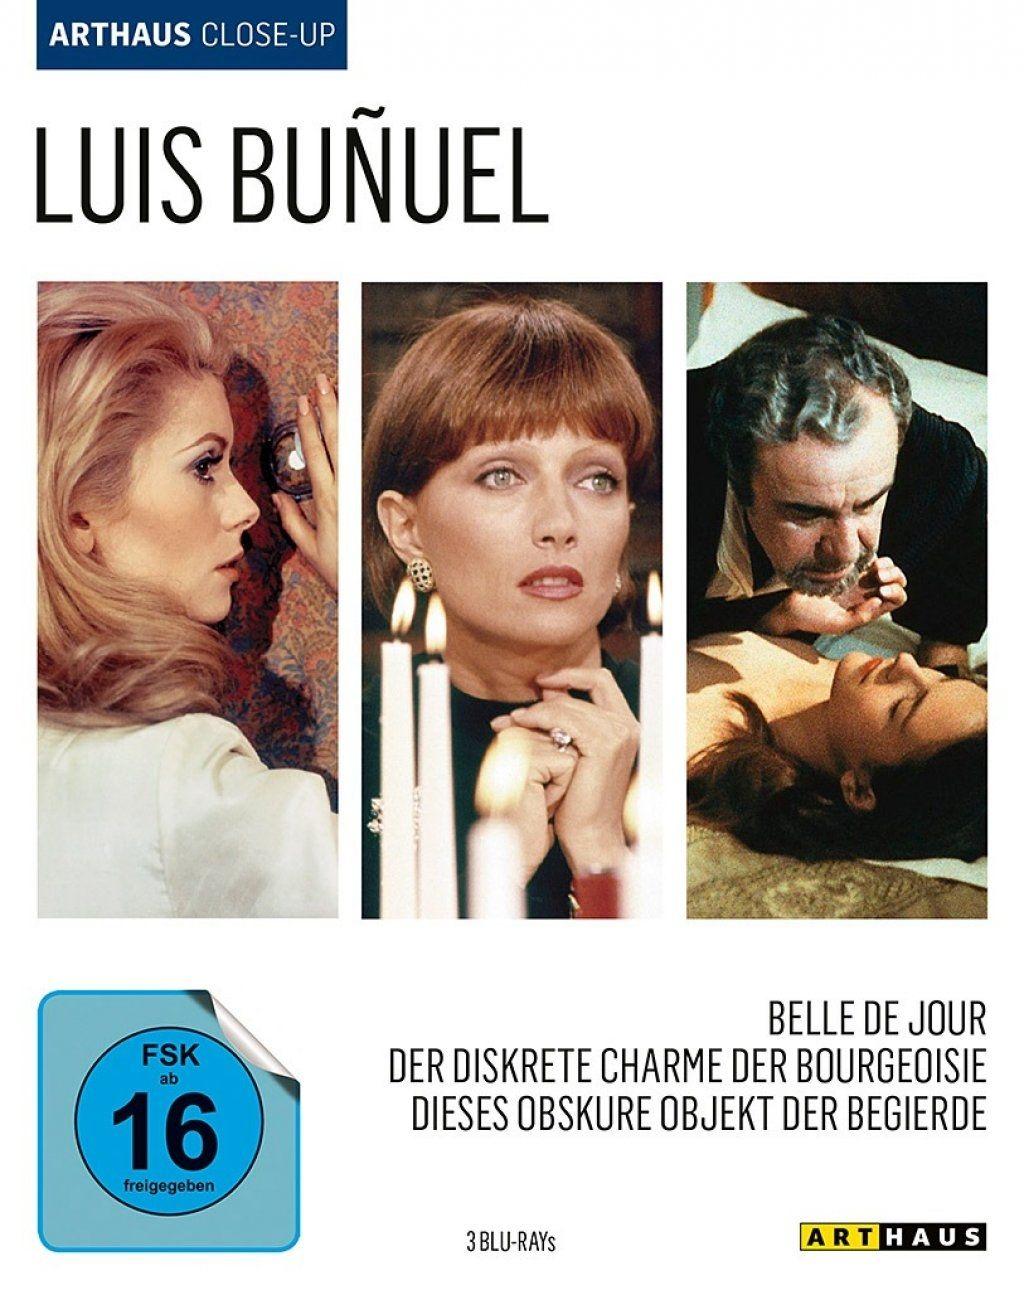 Belle de Jour / Der Diskrete Charme der Bourgeoisie / Dieses obskure Objekt der Begierde (Luis Buñuel - Arthaus Close-Up) (3 Discs) (BLURAY)